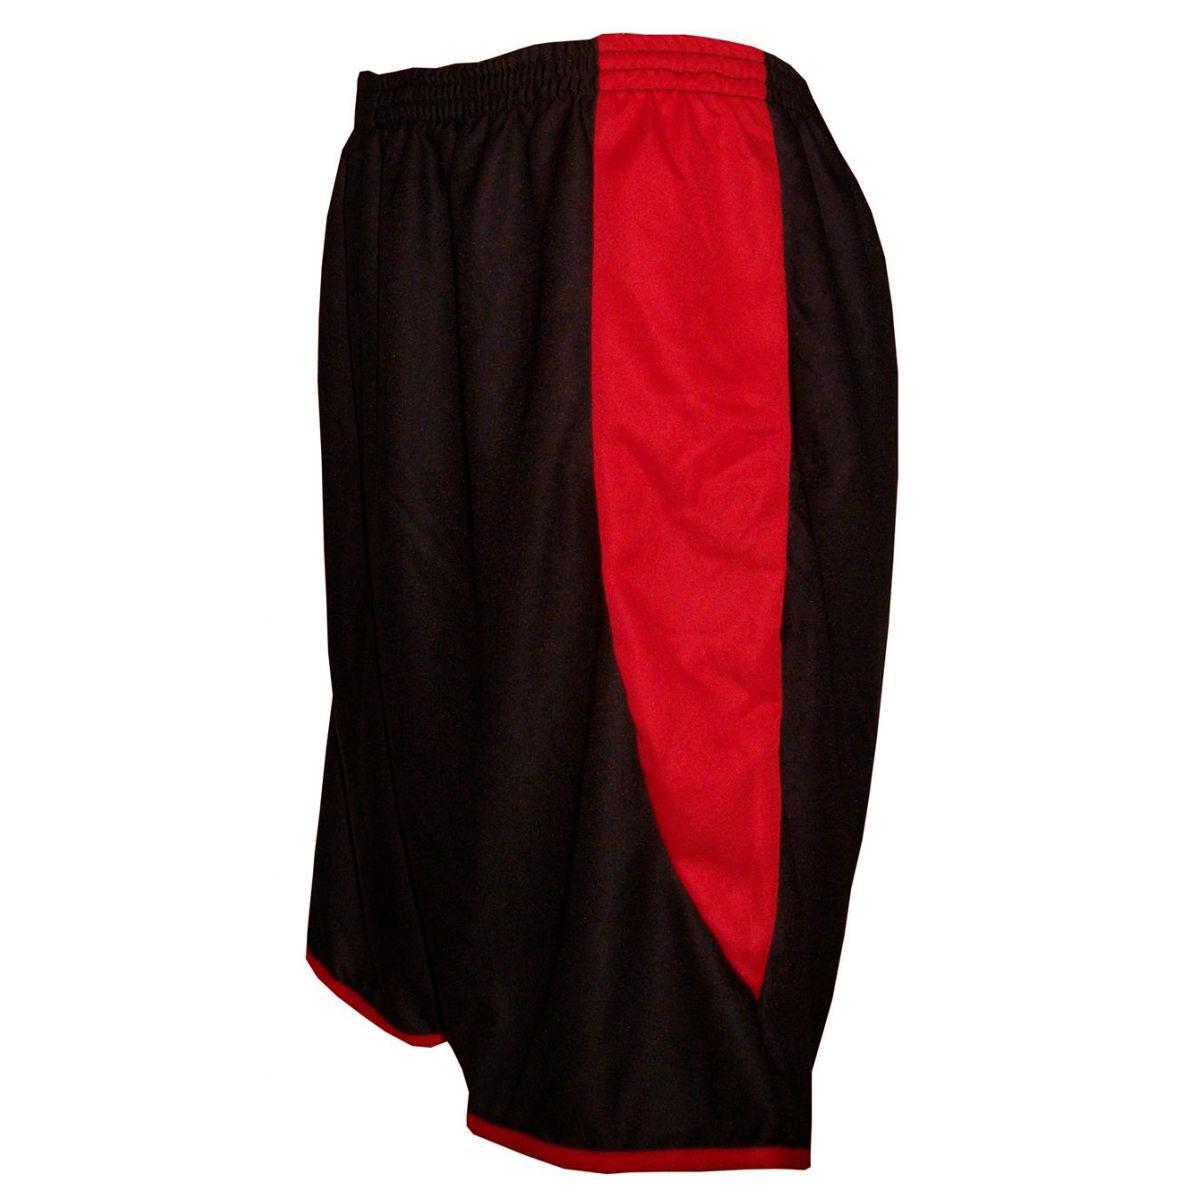 Uniforme Esportivo com 14 camisas modelo Sporting Preto/Branco/Vermelho + 14 calções modelo Copa Preto/Vermelho + Brindes